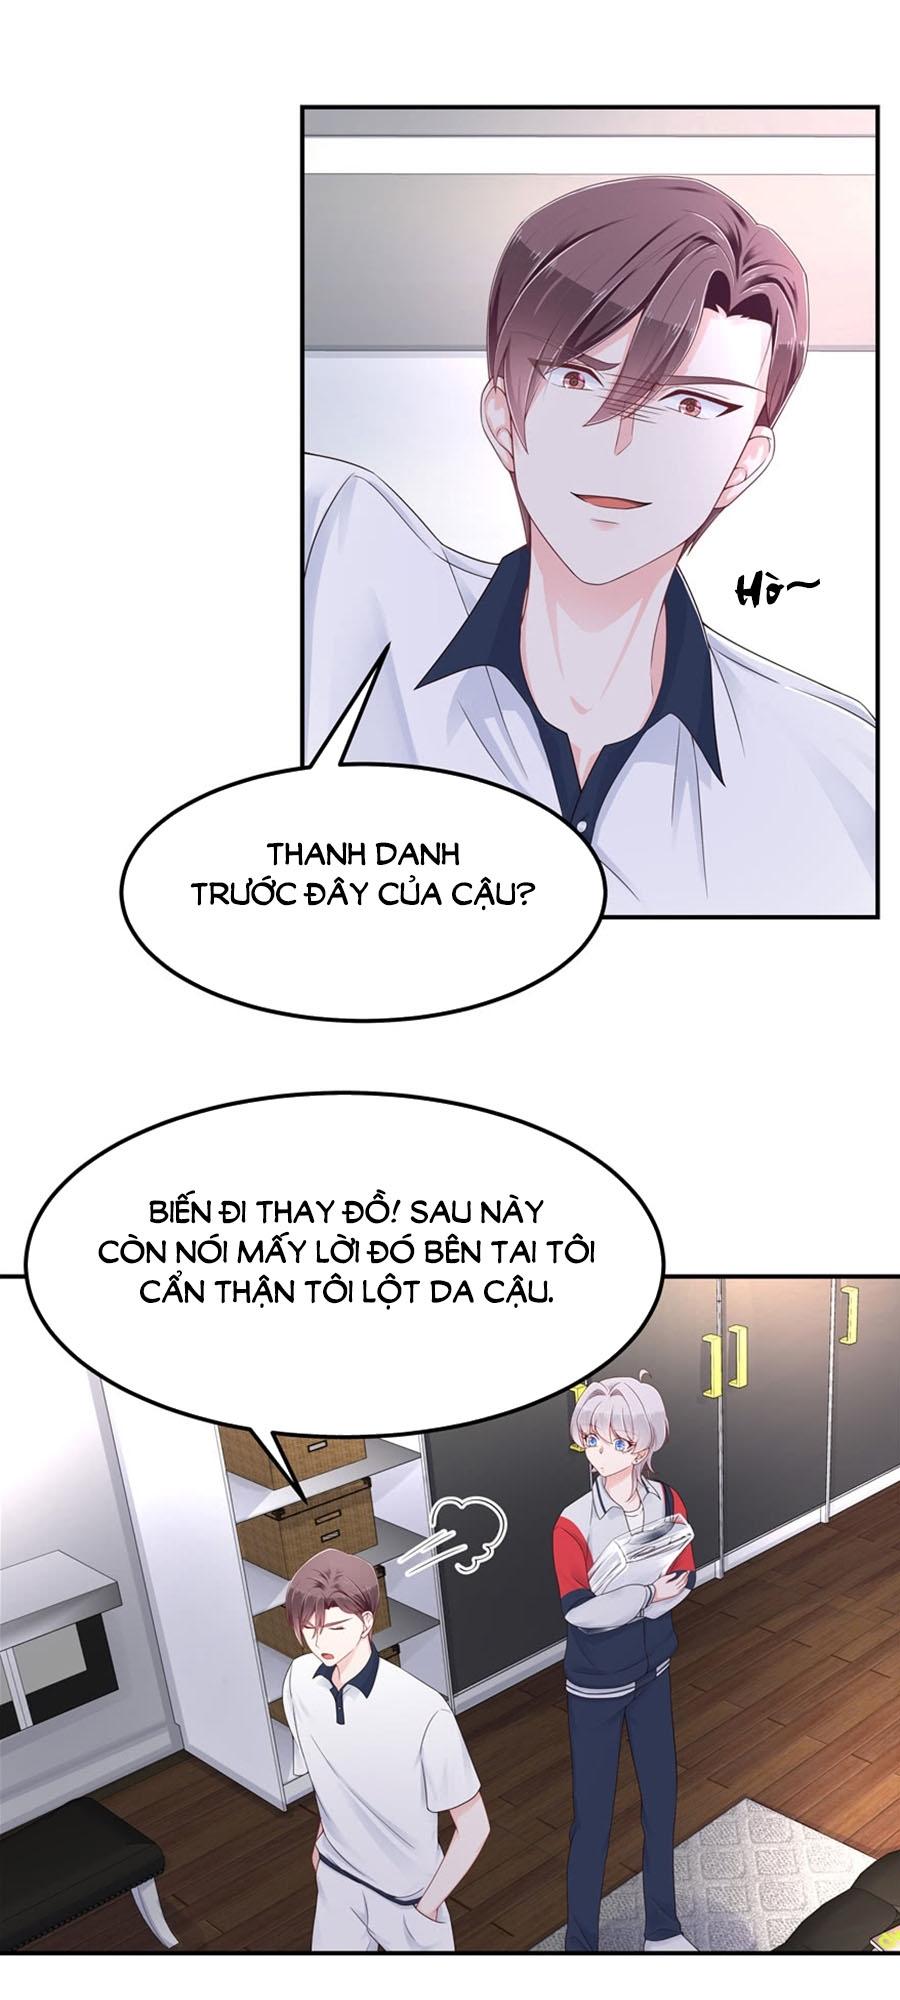 Hotboy Quốc Dân Là Nữ chap 46 - Trang 15